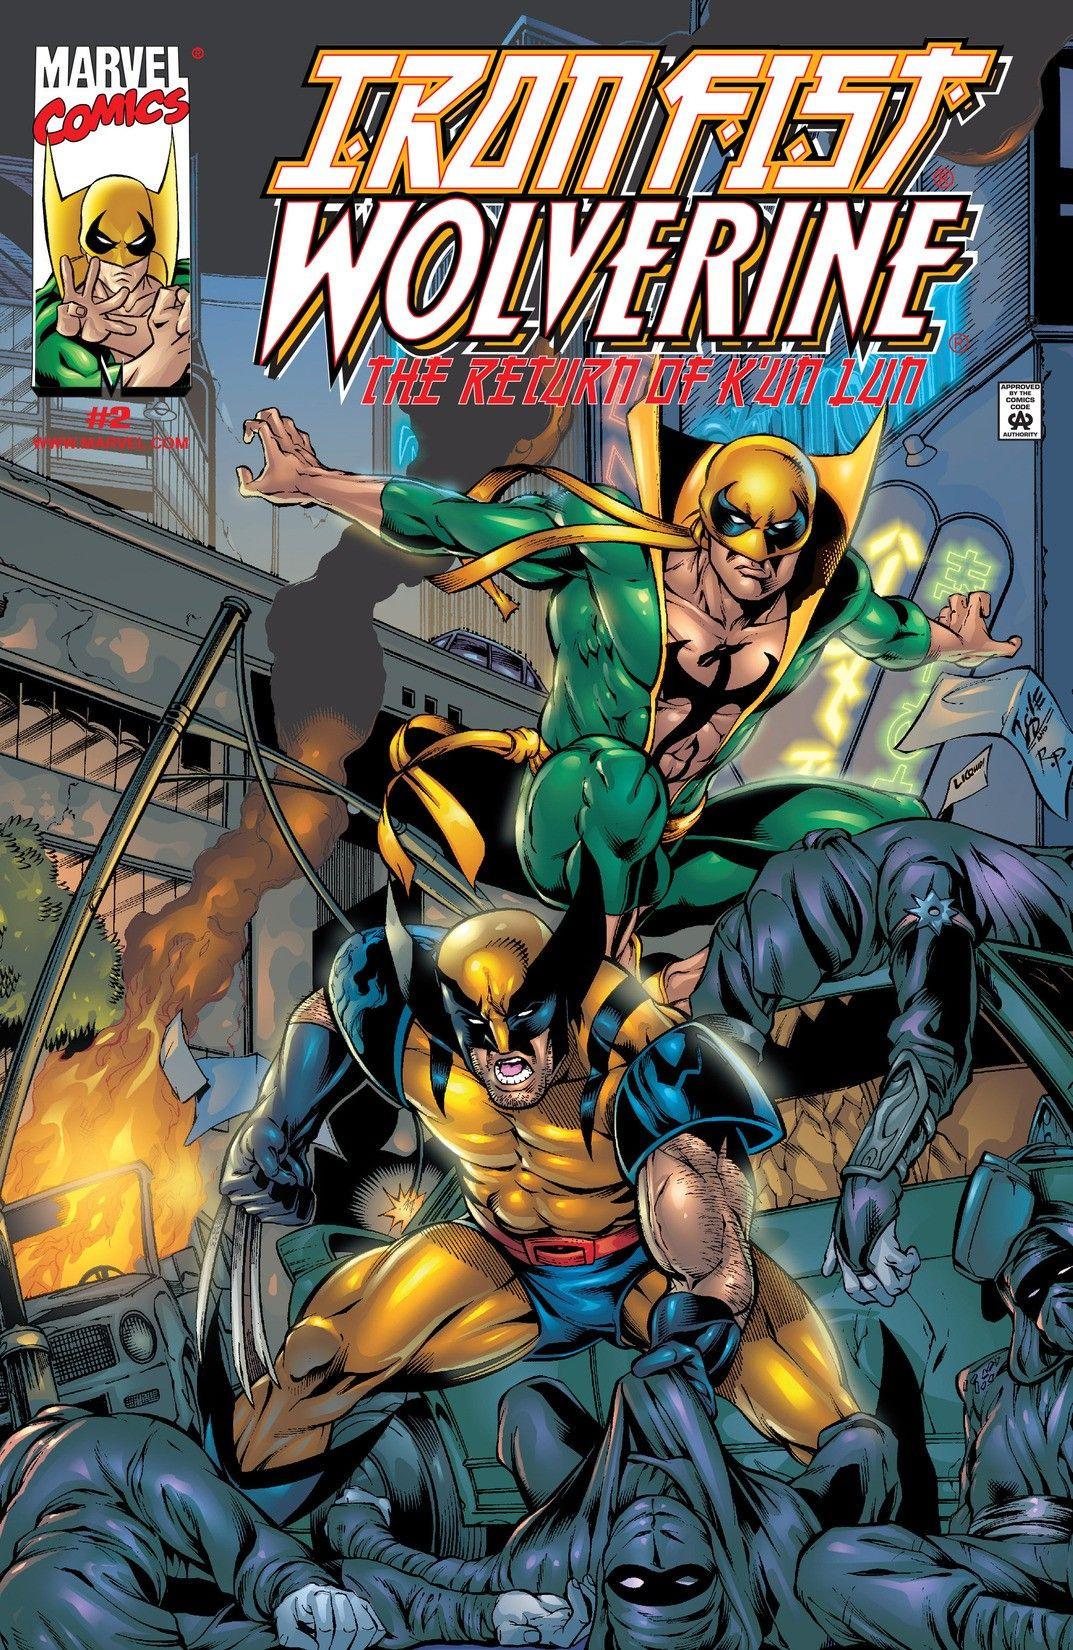 Iron Fist: Wolverine Vol 1 2